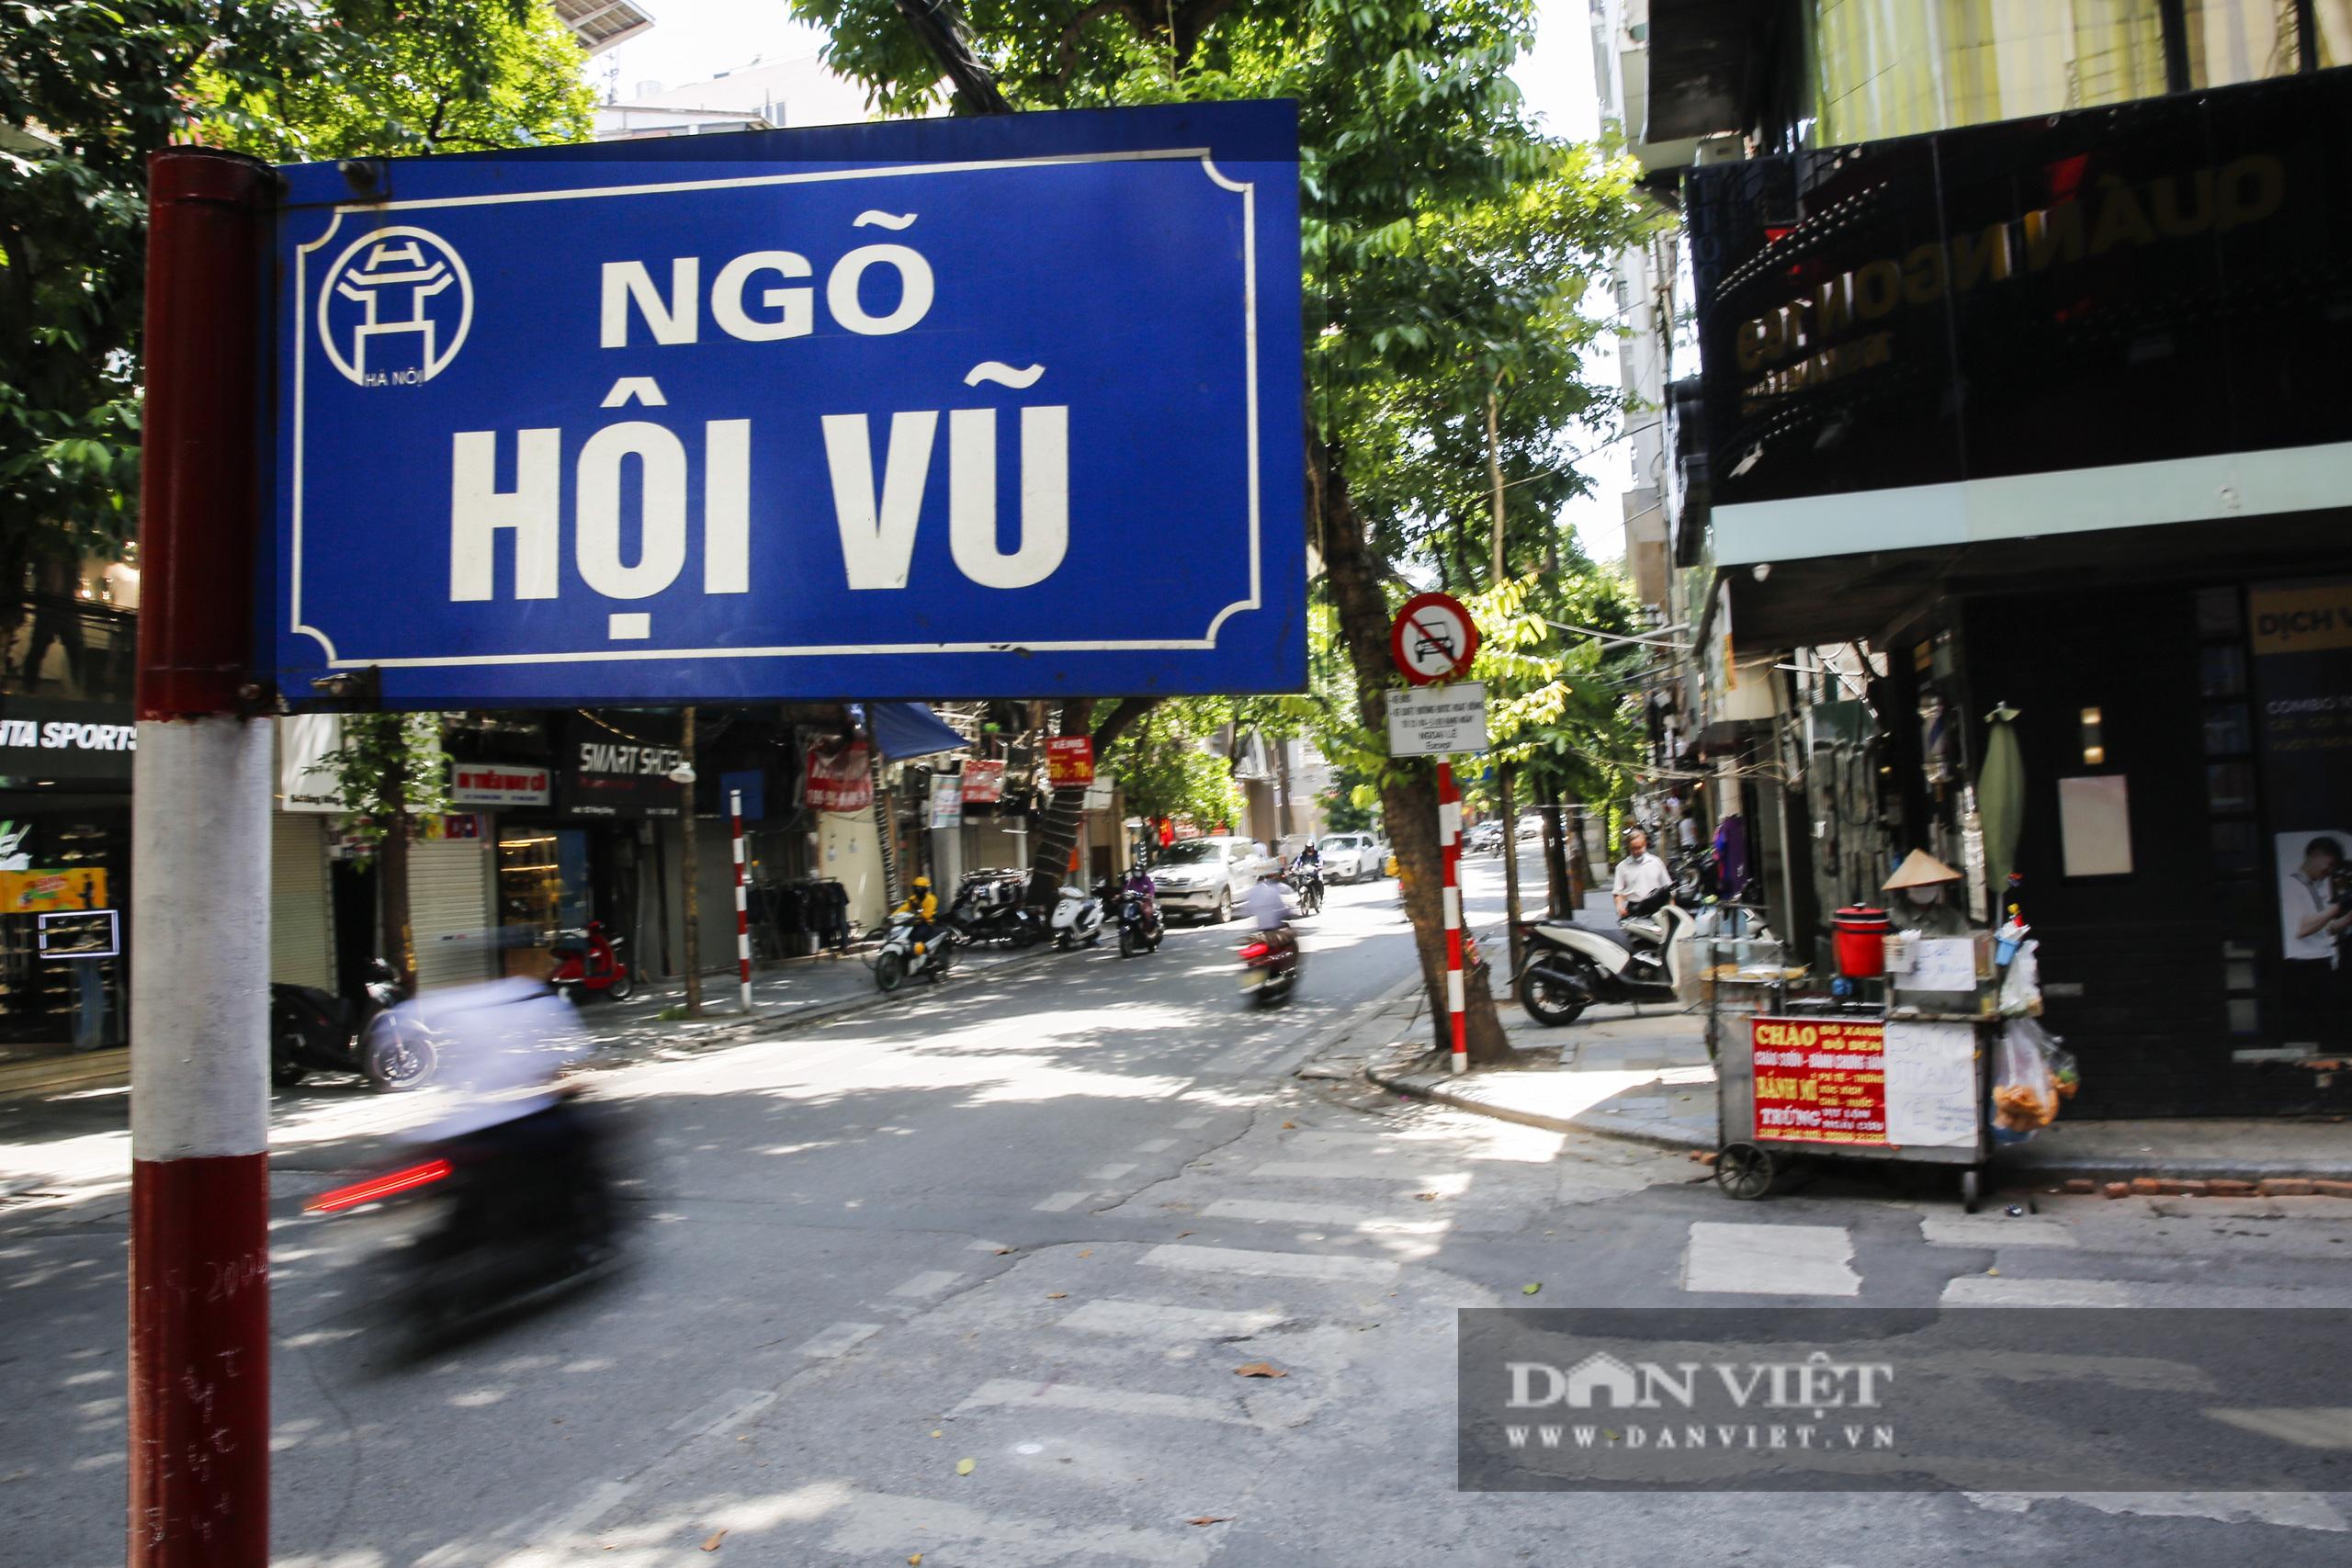 Hà Nội: Kỳ lạ con phố cổ dài 1 Km nhưng có 6 tên gọi khác nhau - Ảnh 5.